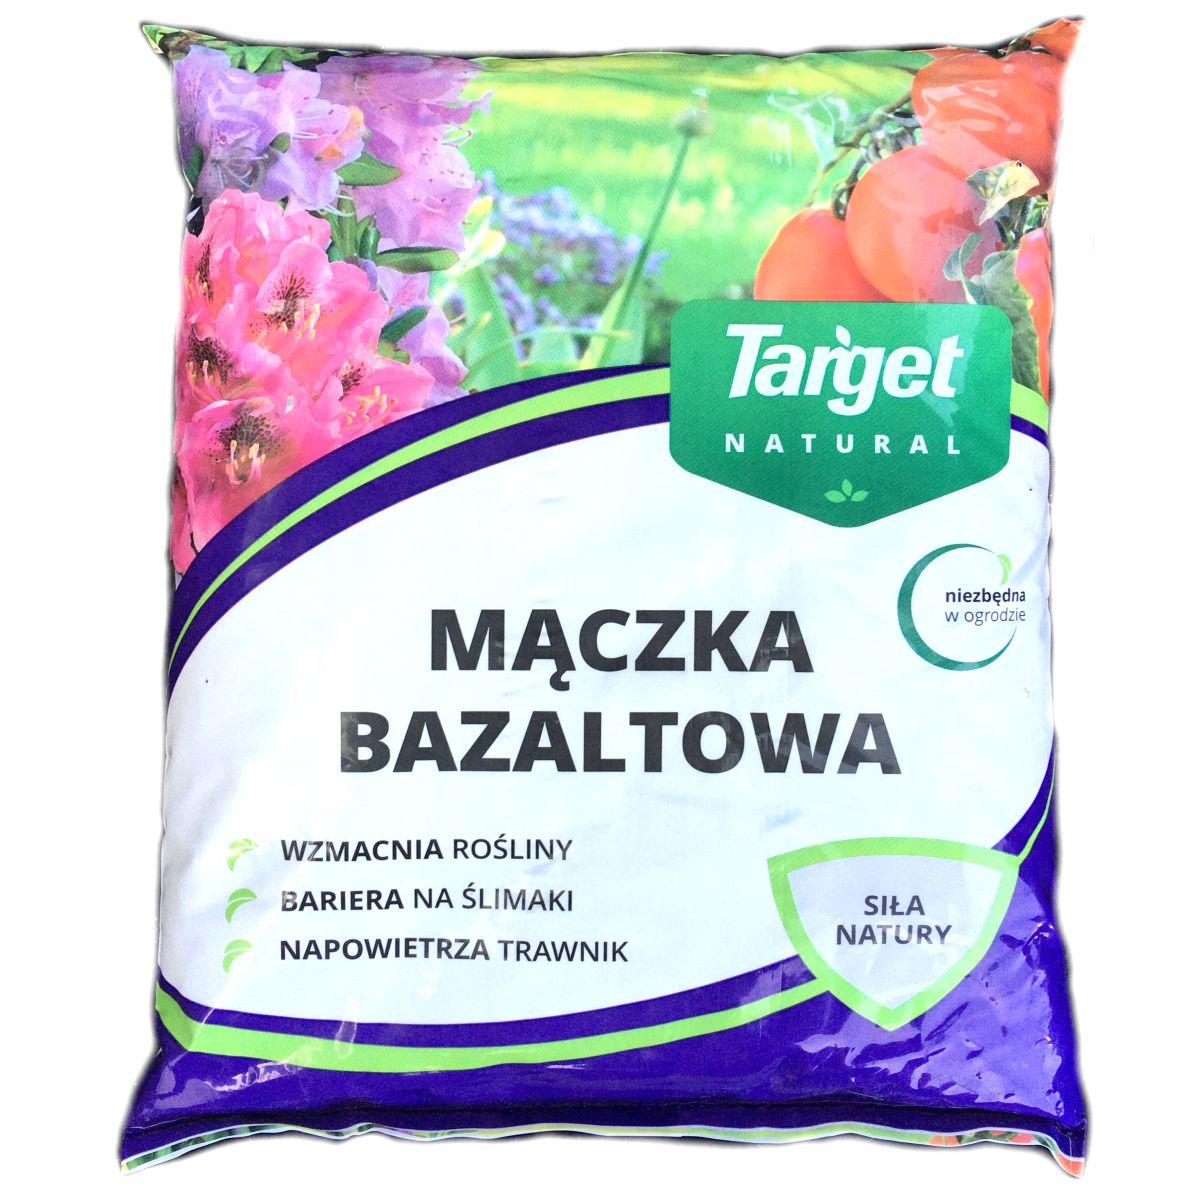 Mączka bazaltowa 3kg Target